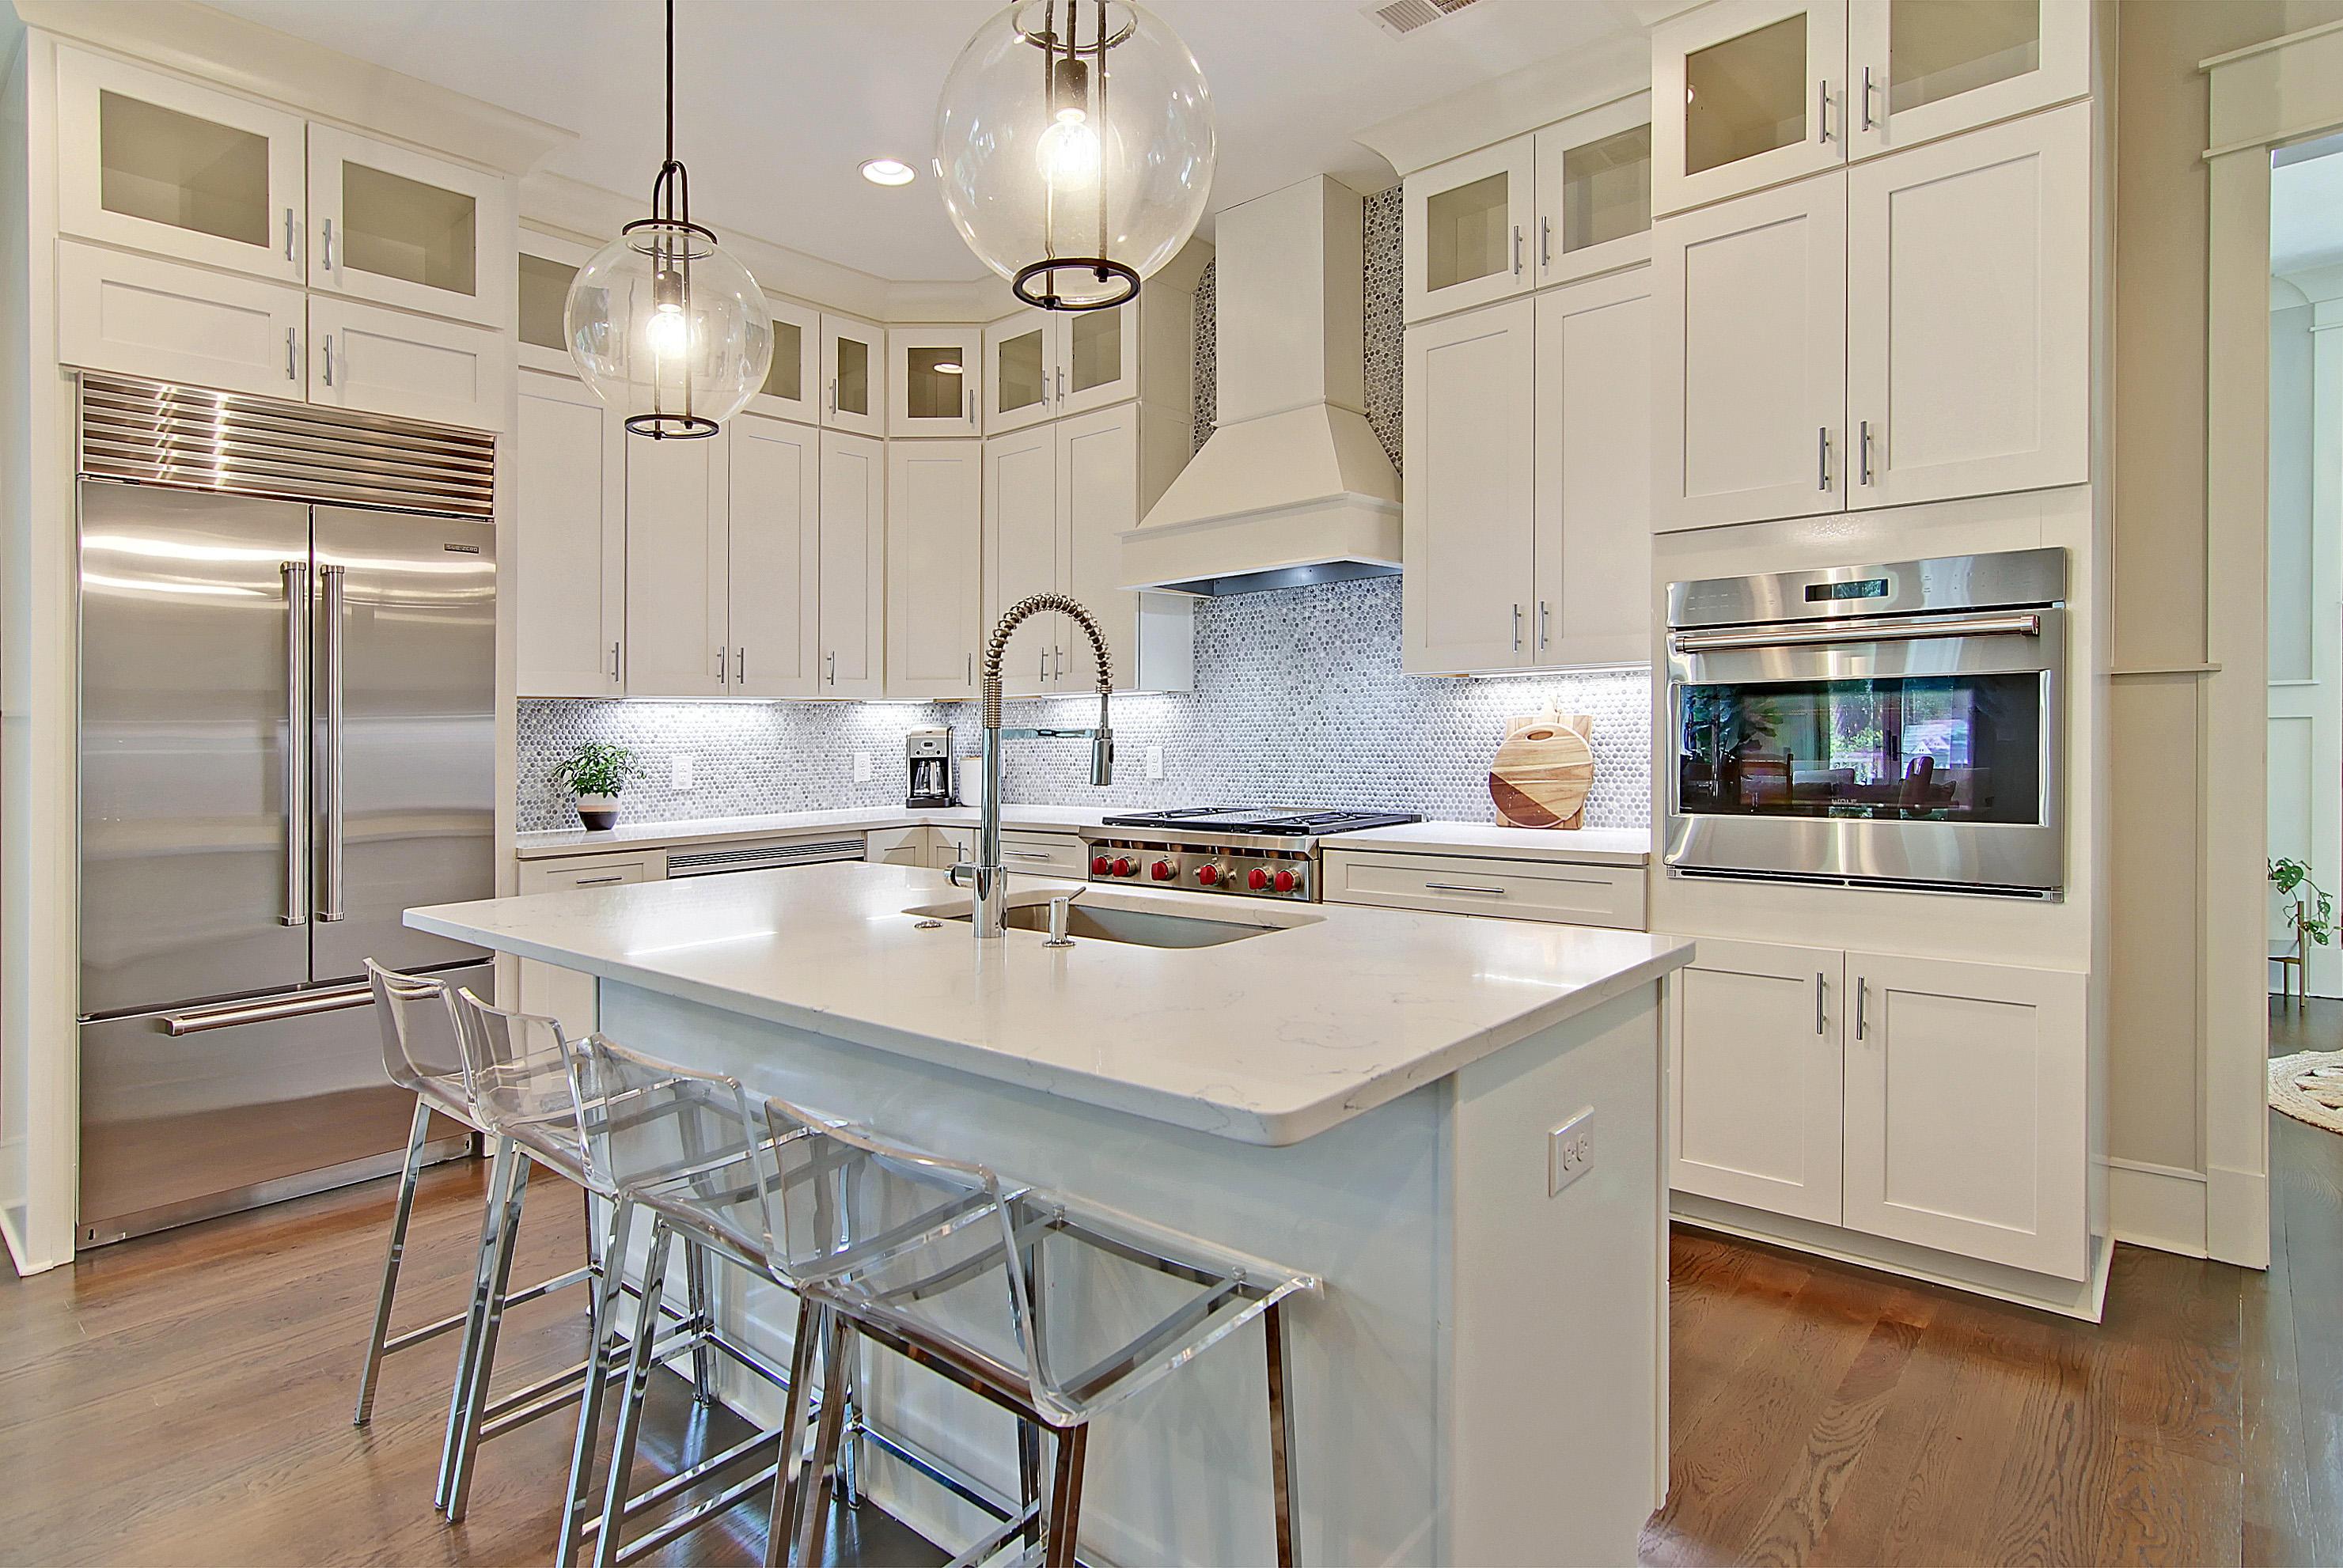 Old Mt Pleasant Homes For Sale - 753 Mccants, Mount Pleasant, SC - 55